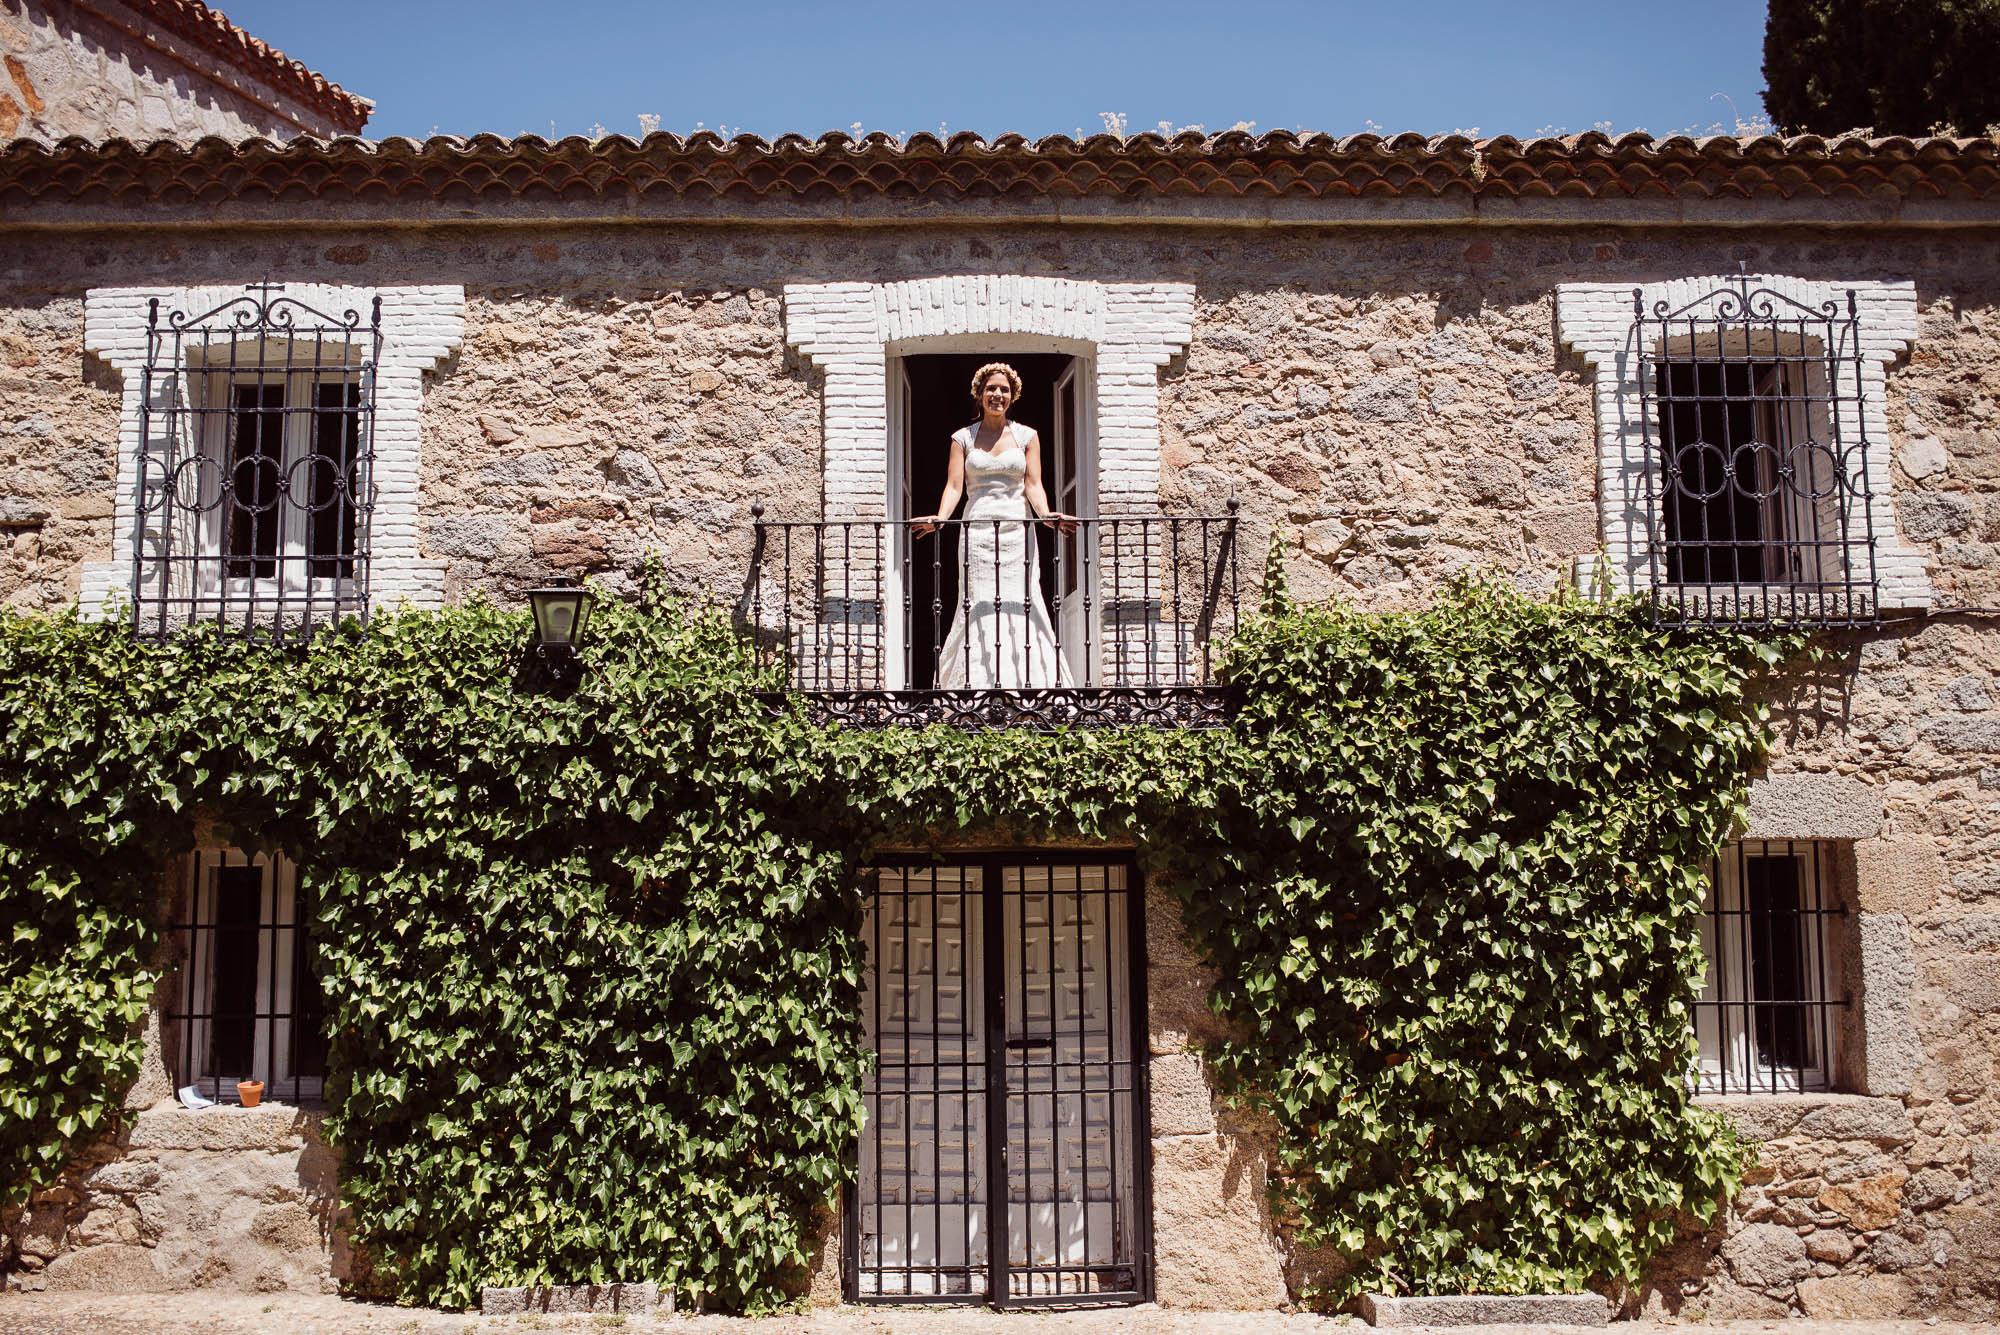 La novia sale al balcón de la casa rural para saludar a los invitados